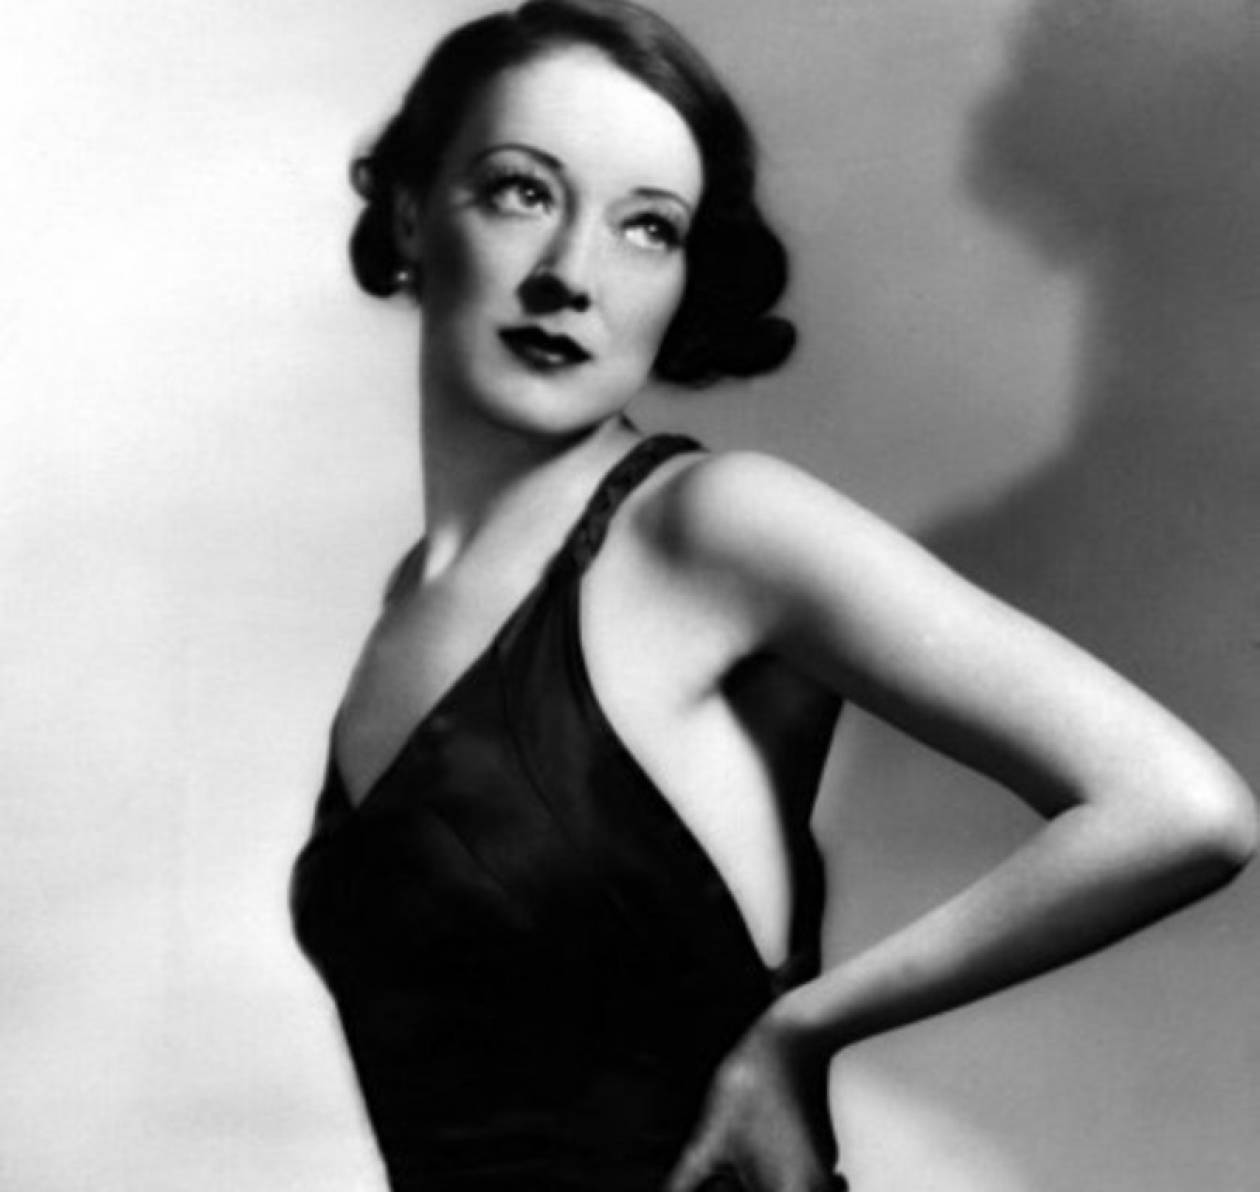 Σχολείο μόδας: Κάντε το όπως η Greta Garbo